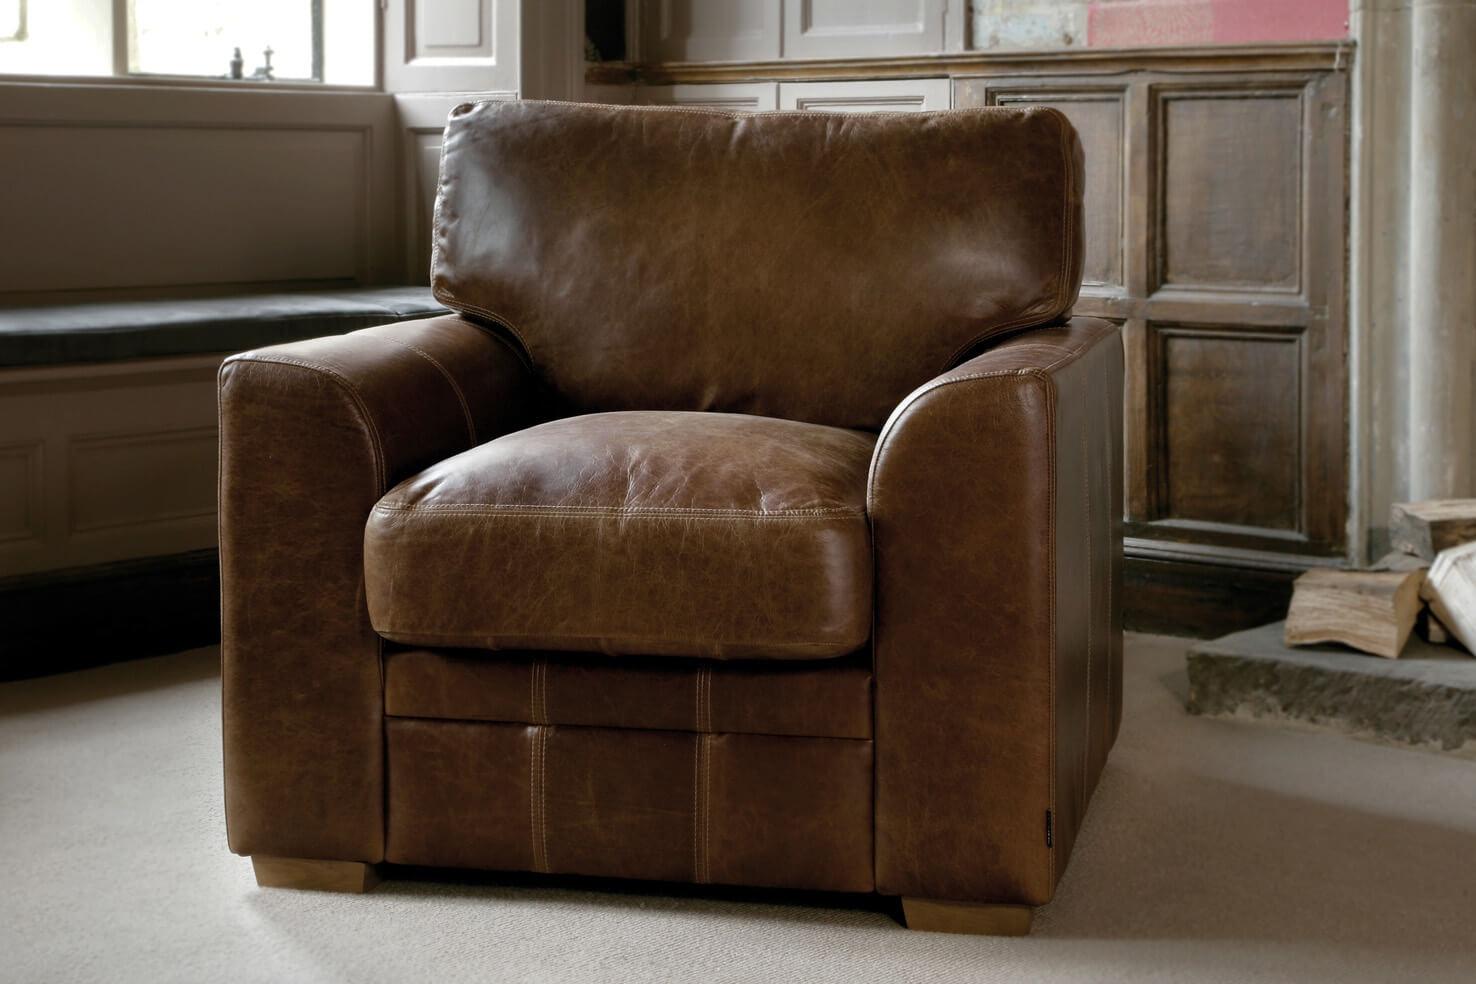 Кожаное кресло с белой строчкой